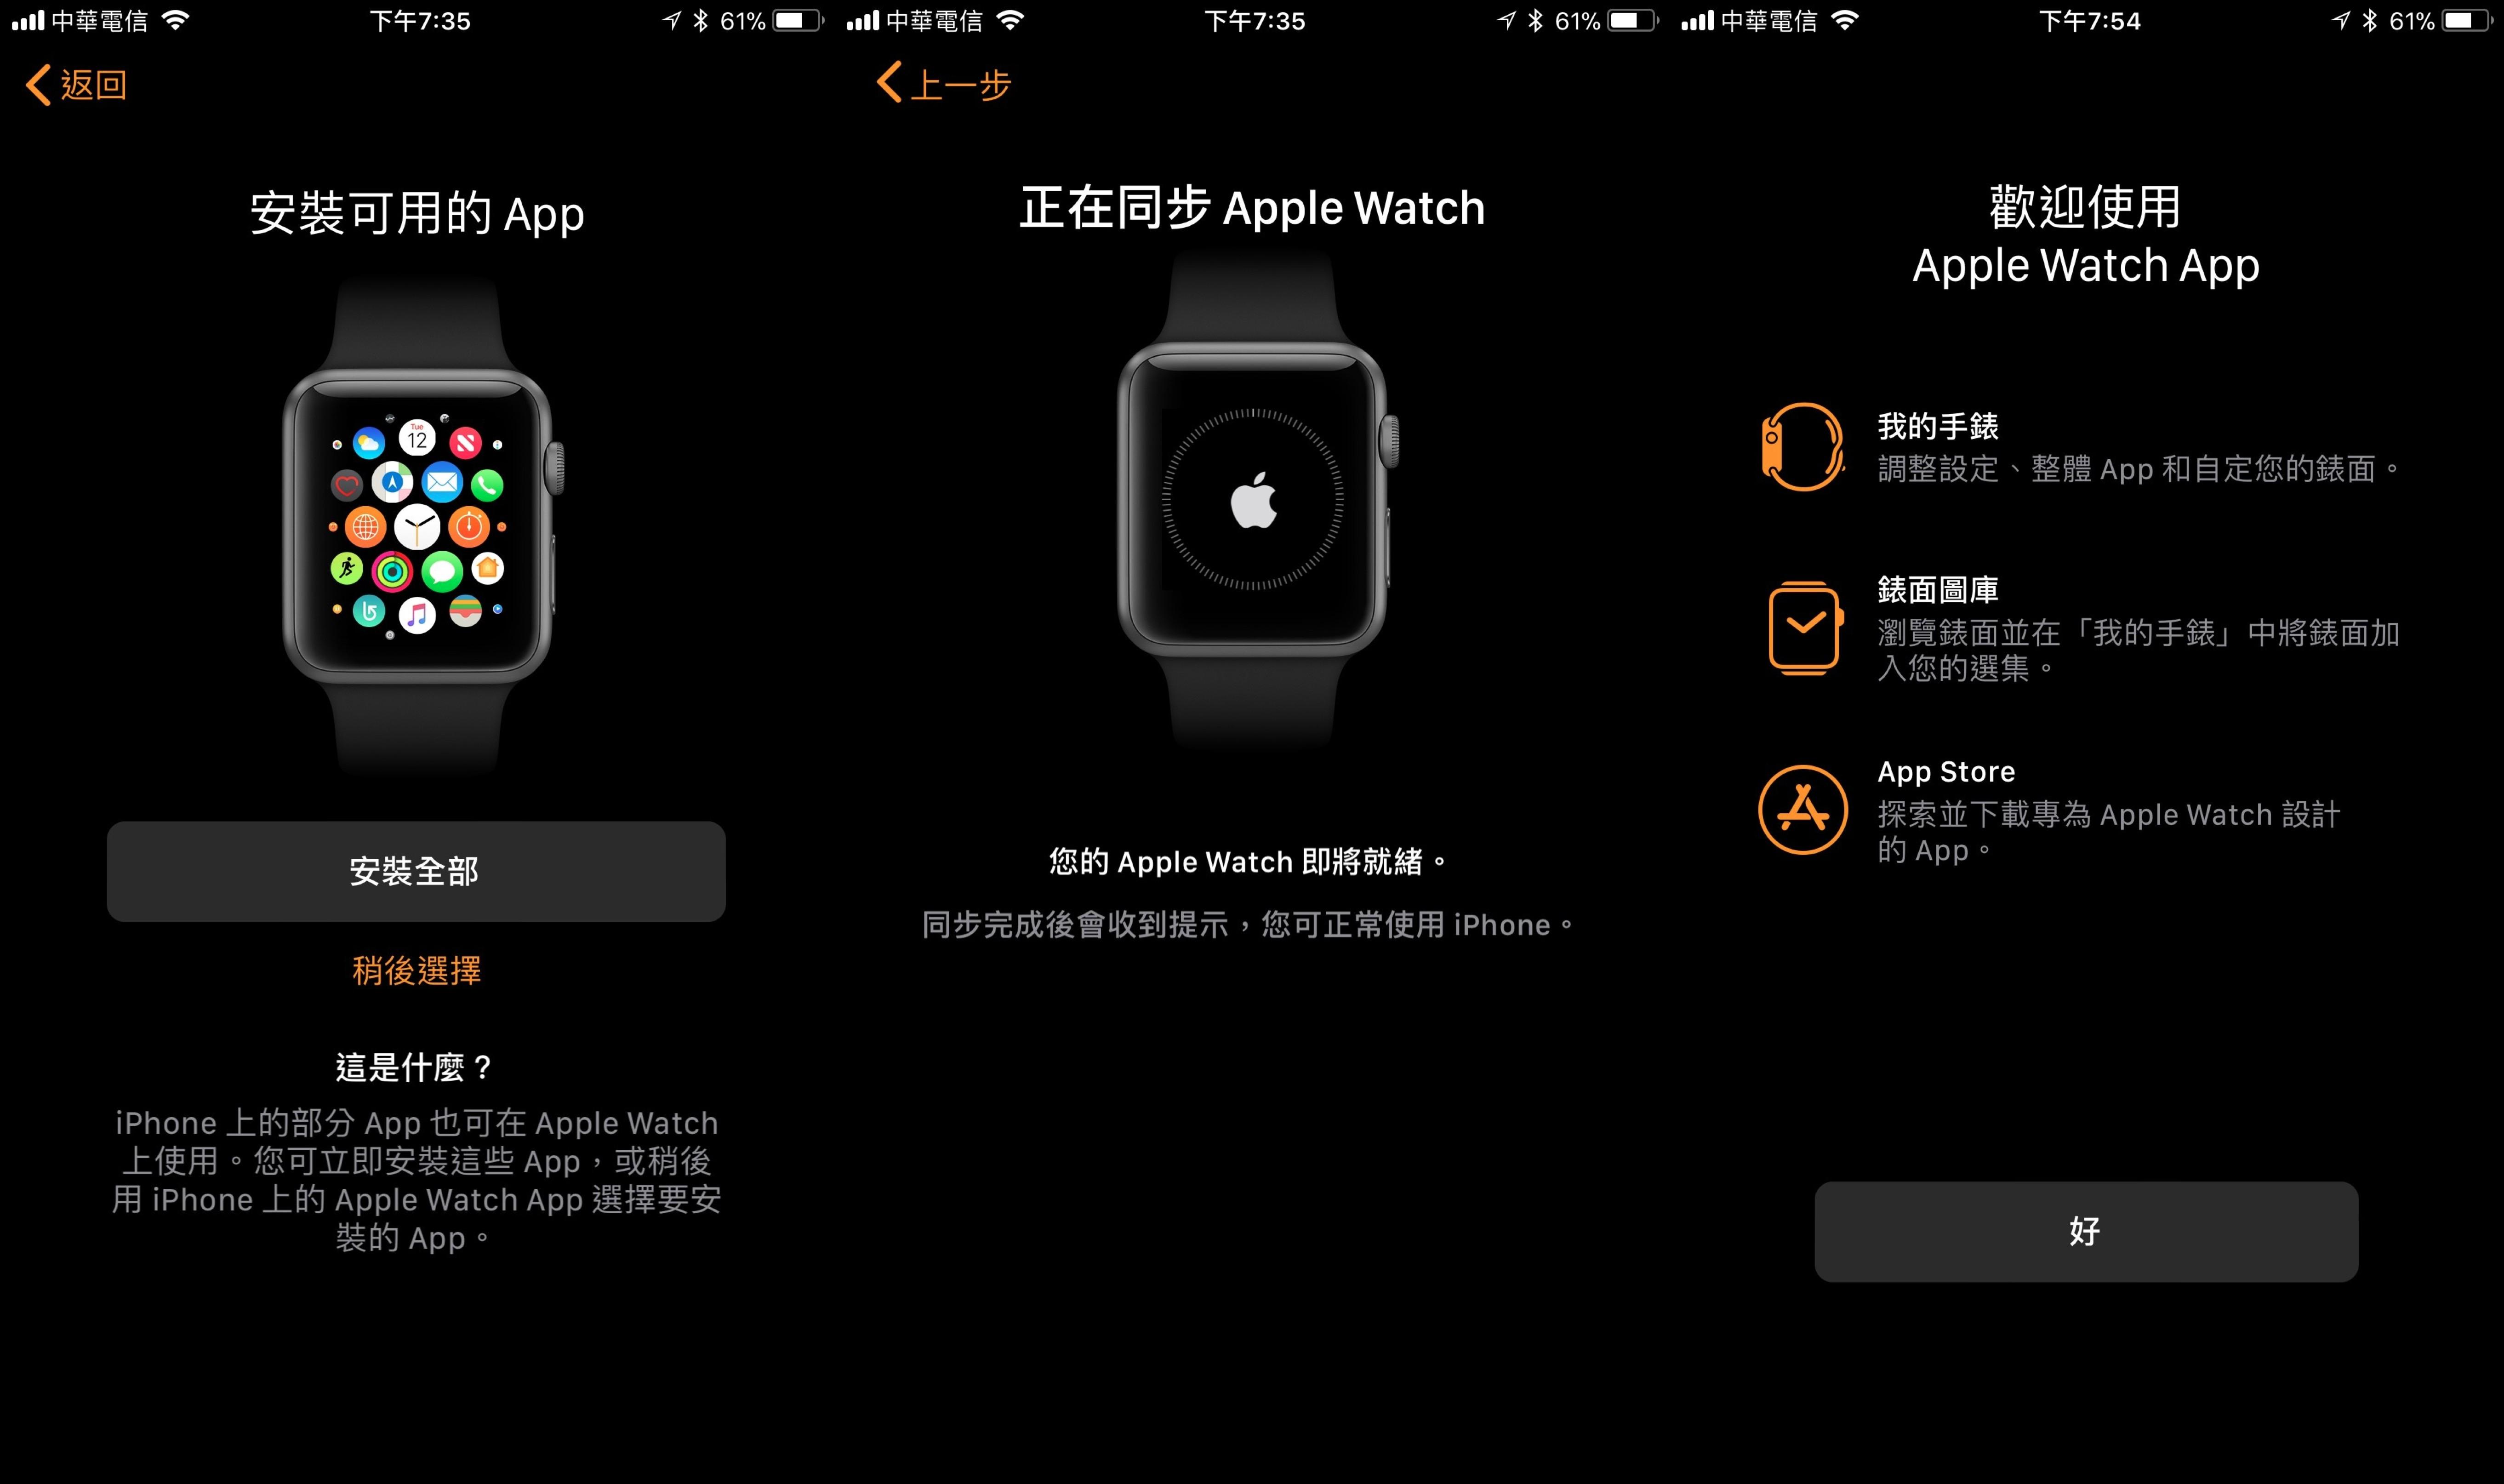 將 Apple Watch 與 iPhone 配對 8